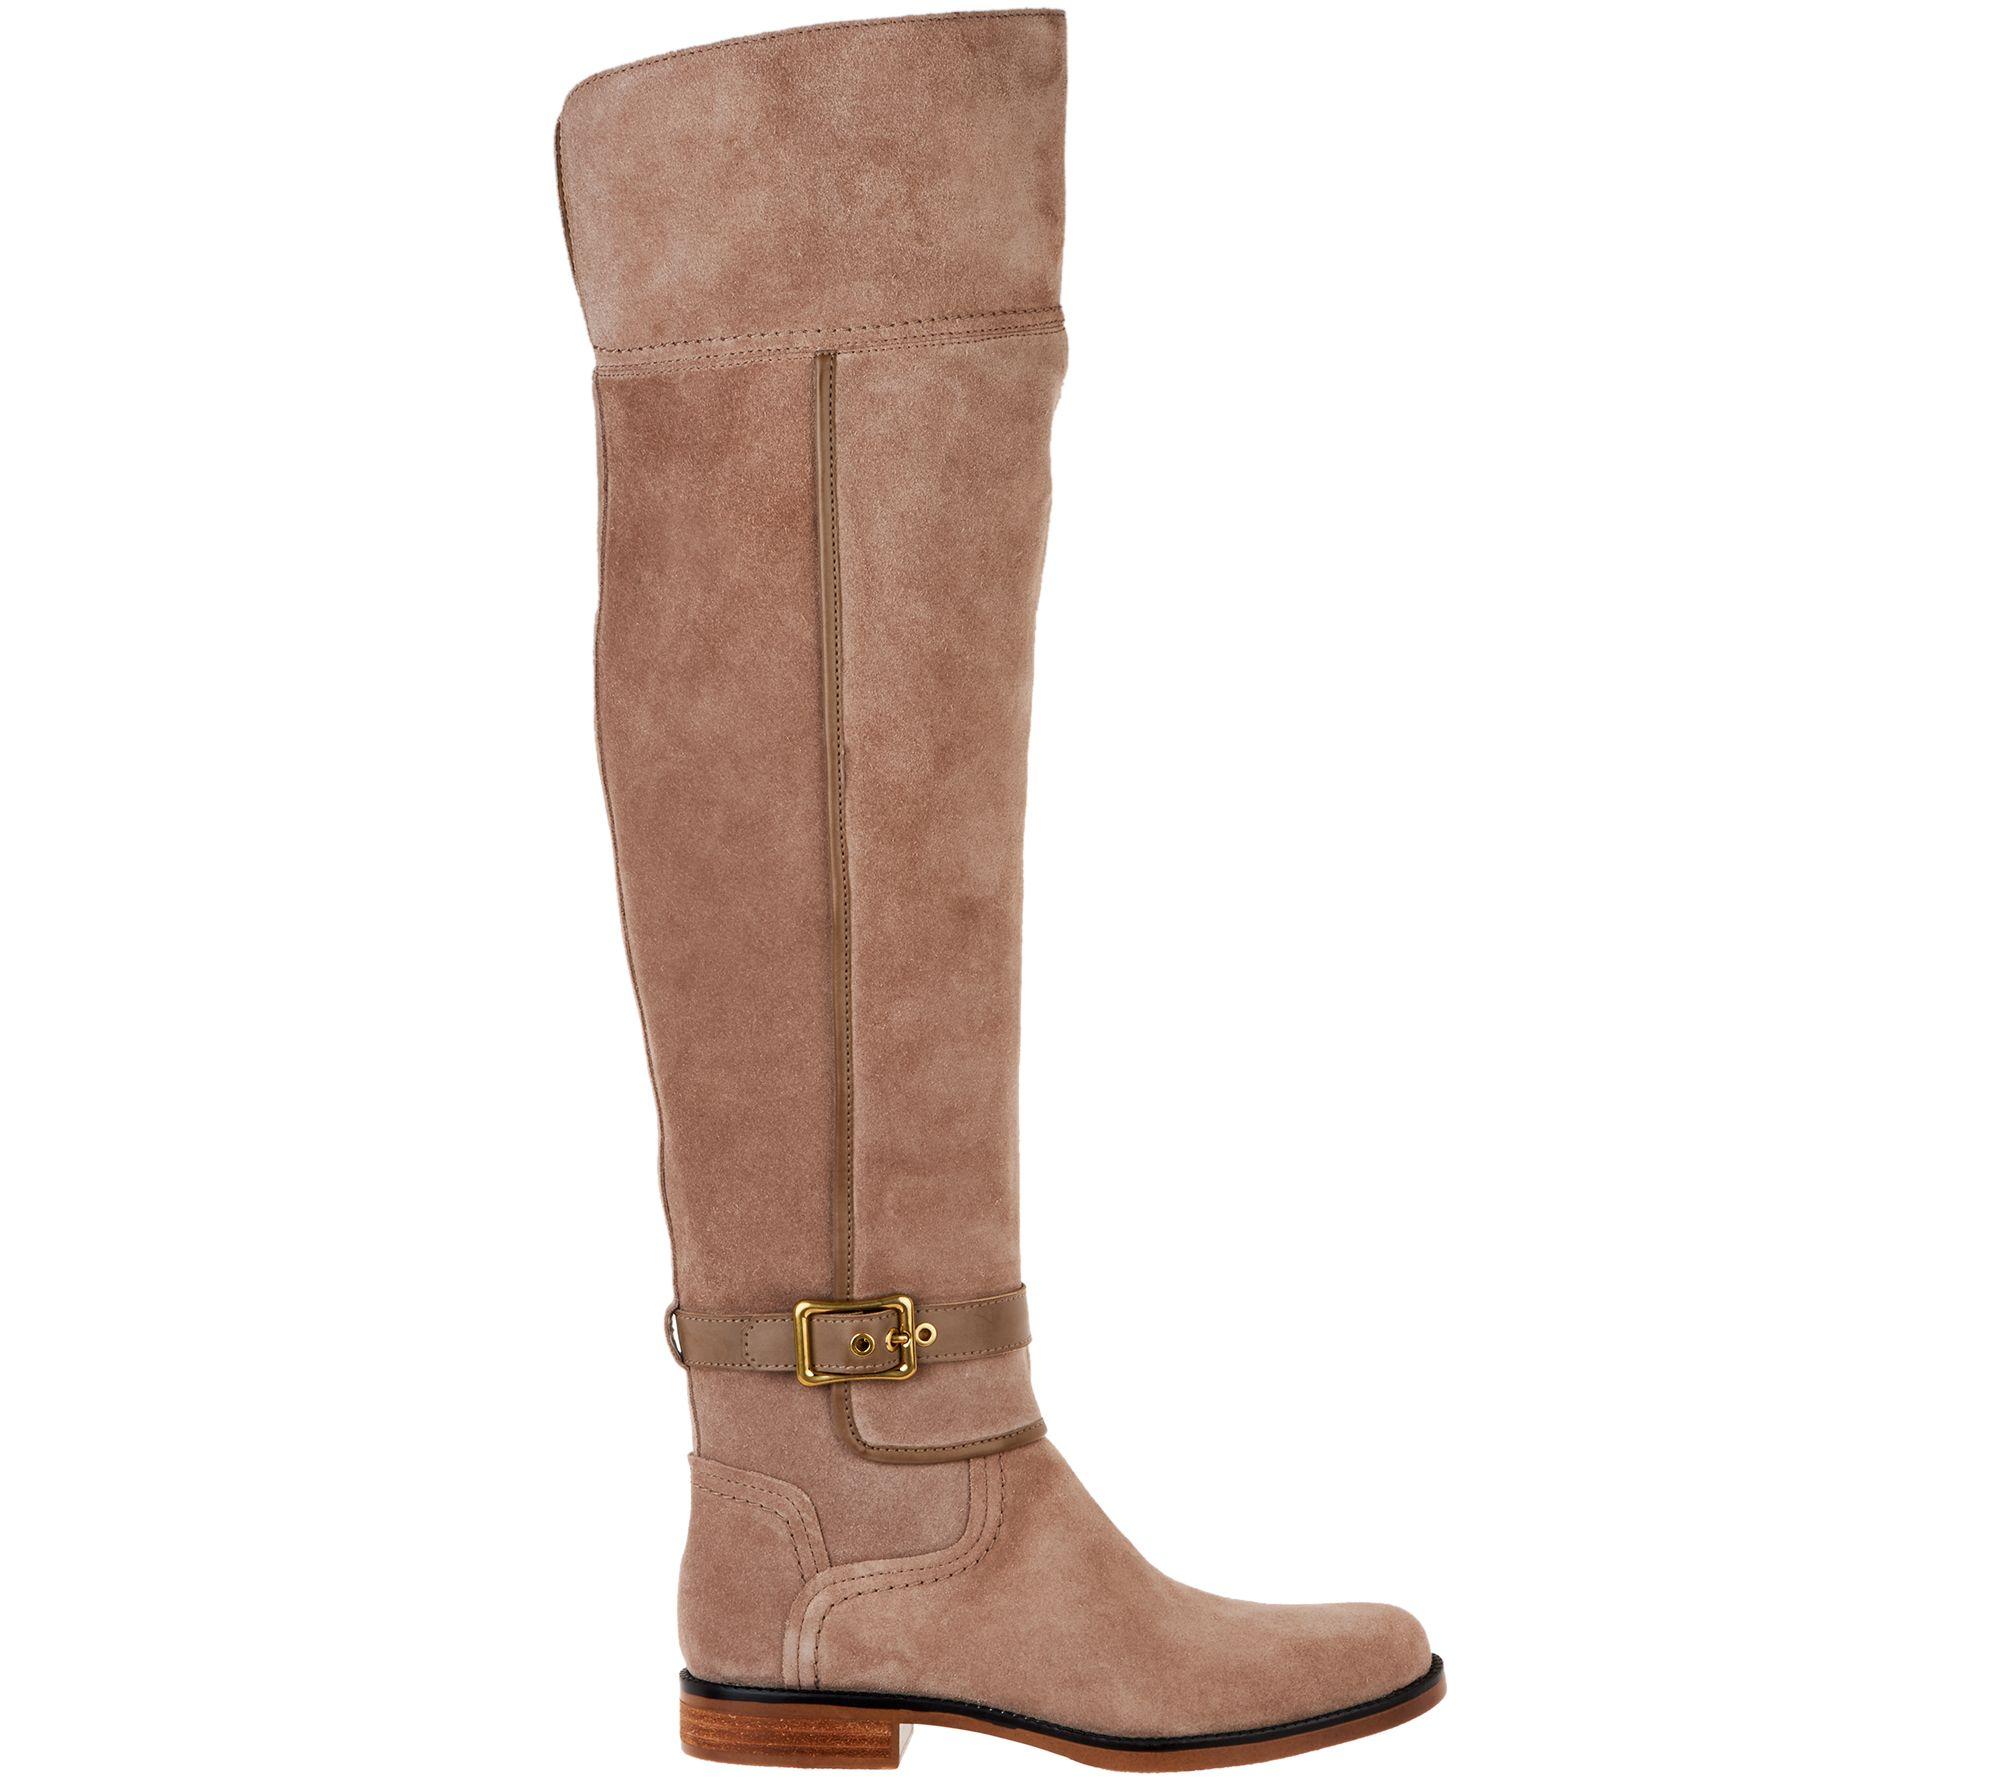 5a63a258b21 Franco Sarto Medium Calf Suede Over-the-Knee Boots - Crimson - Page 1 —  QVC.com